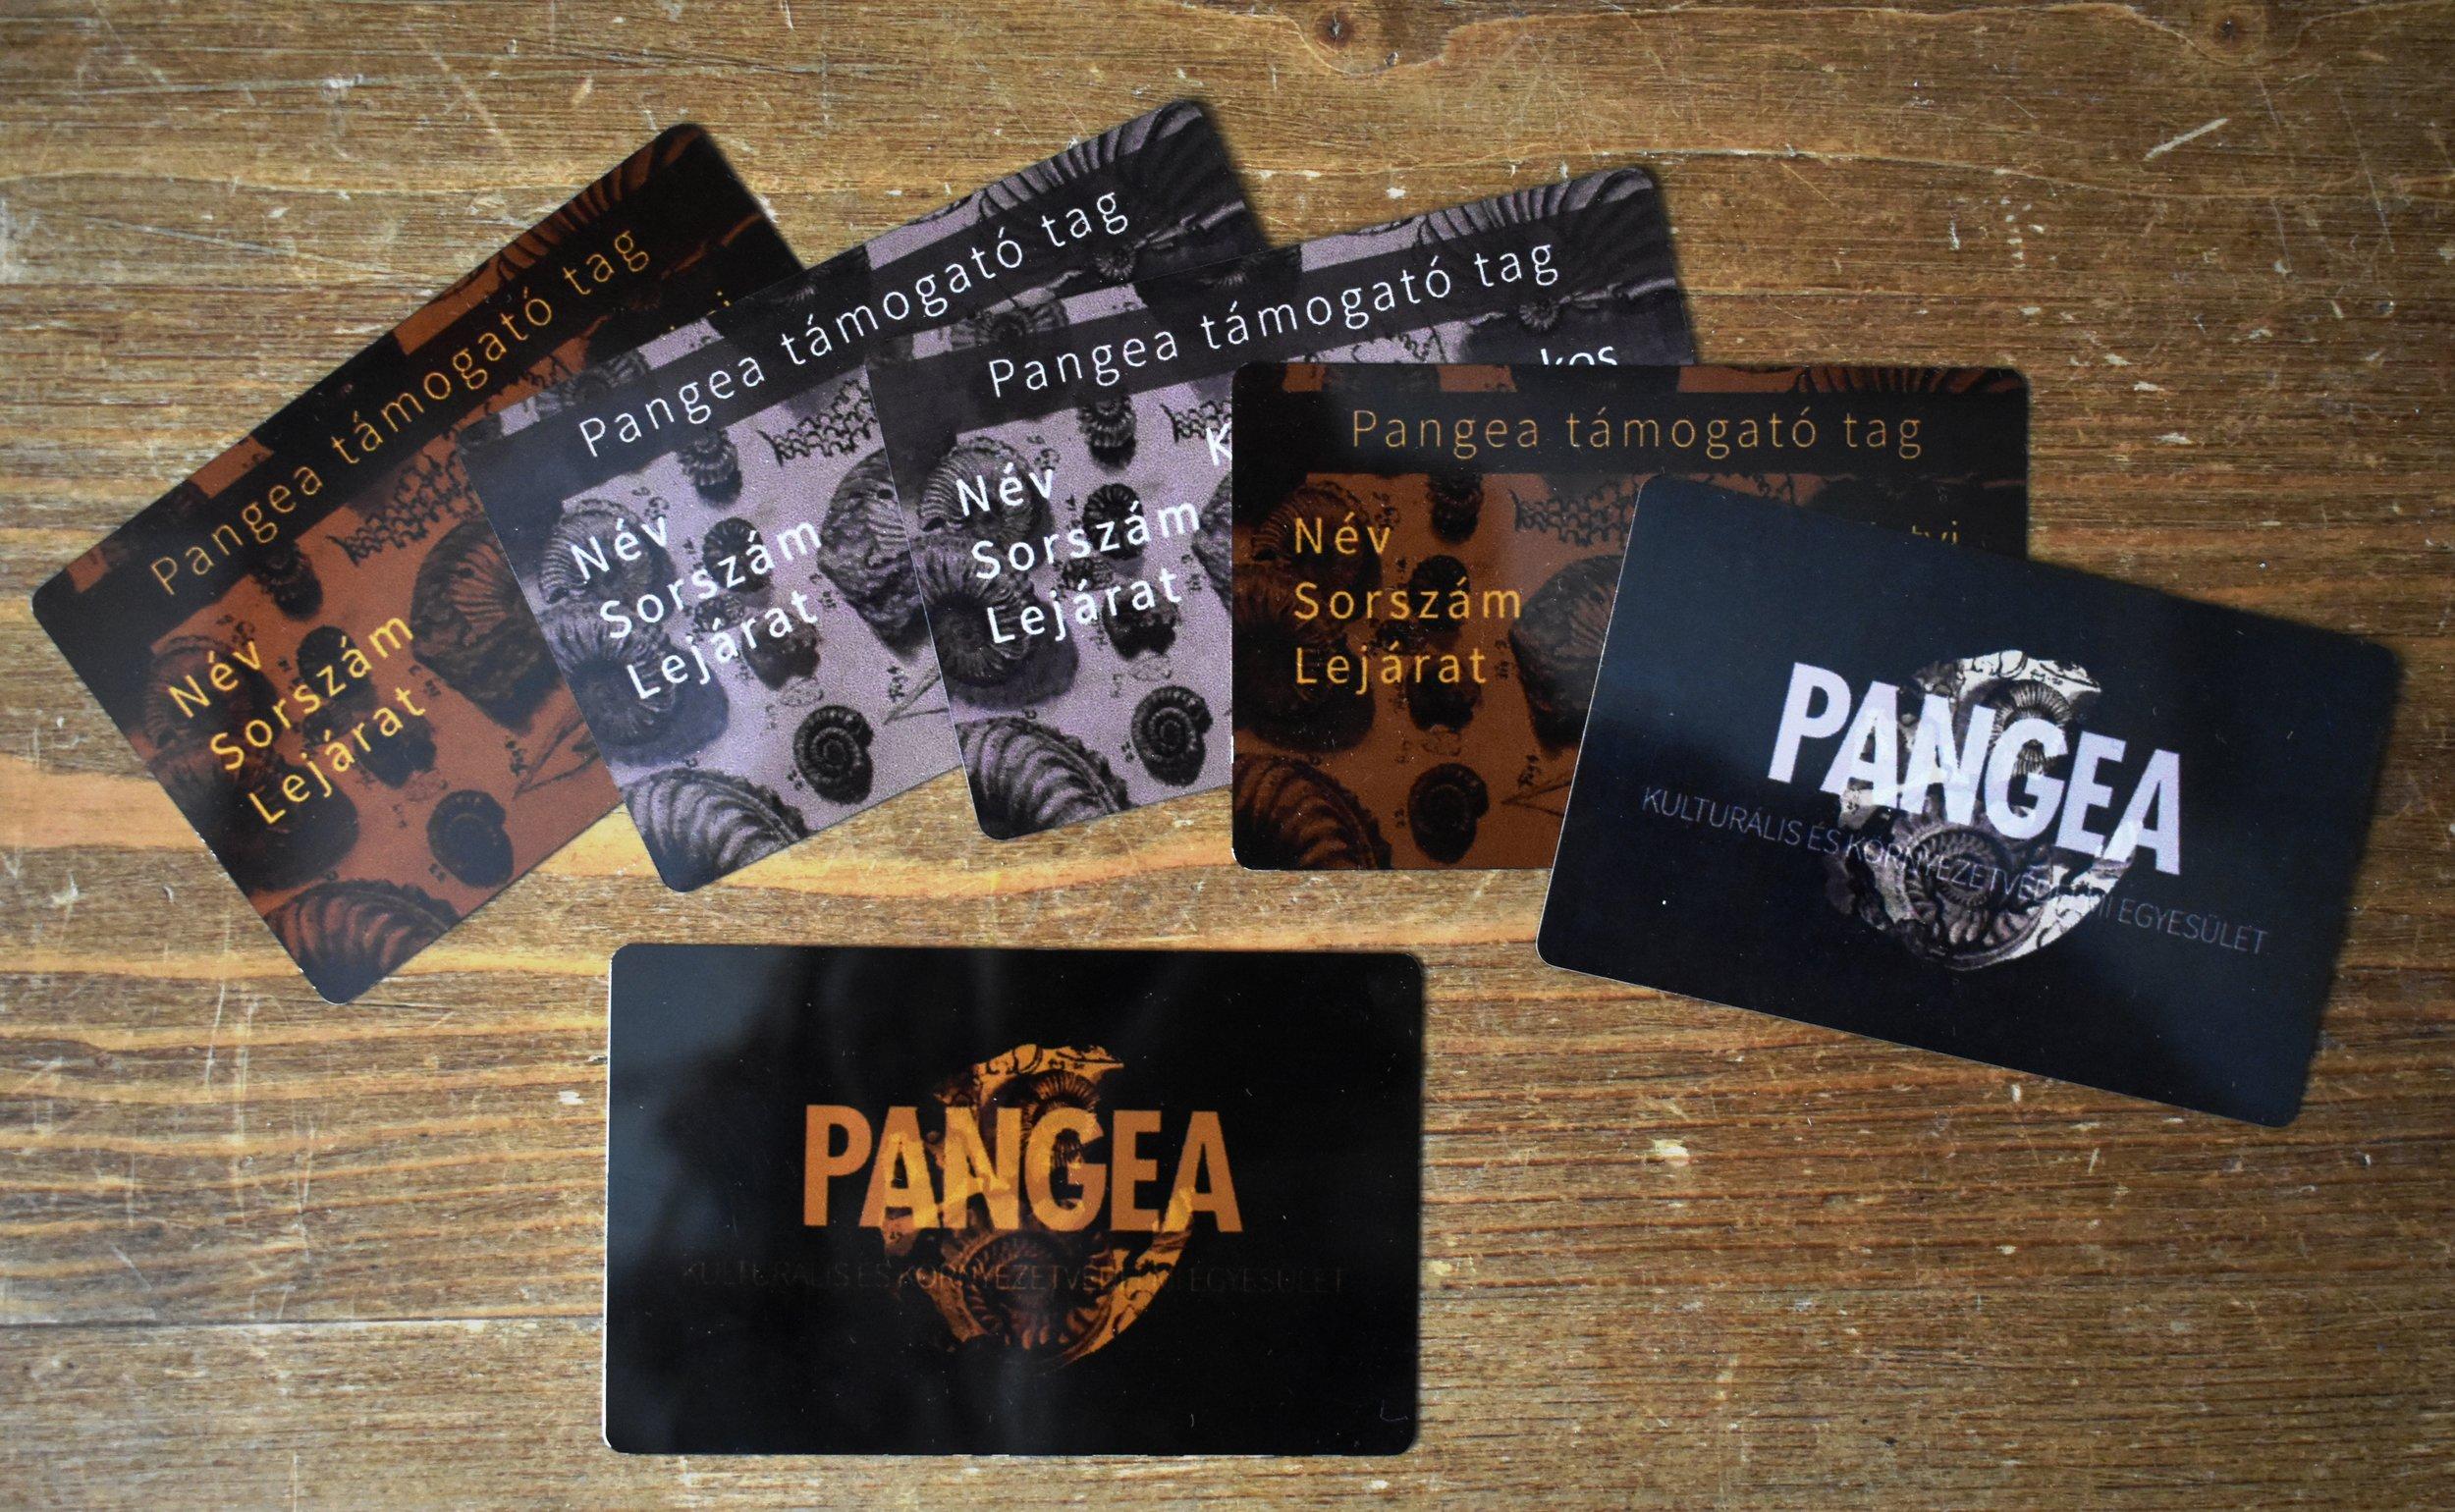 Lelkes önkénteseink munkájának elismeréseként Pangea Tagsági Kártya is a jutalmuk!És hogy mire jó?Az egyesülethez való tartozás szimbóluma ez a kis kártya – amely azon túl, hogy jól mutat az irattárcában – még sok hasznos dologgal is szolgálja tulajdonosát:Kedvezményre jogosít a következő helyeken (ez egy folyamatosan bővülő lista):   - Mauna - 10% (http://mauna.hu/)Zöldbolt - 5% (https://www.zoldbolt.hu/)Pozsonyi Zsombor - 10% (kályhaépítés)Pistiméz - 10% (https://www.facebook.com/pistimez/)Ökörszem manufaktúra - 10% (https://www.facebook.com/okorszem/)Balatoni Madárkert (díszmadár és kisállatpark)   - 50% (http://www.madarkert.hu/)